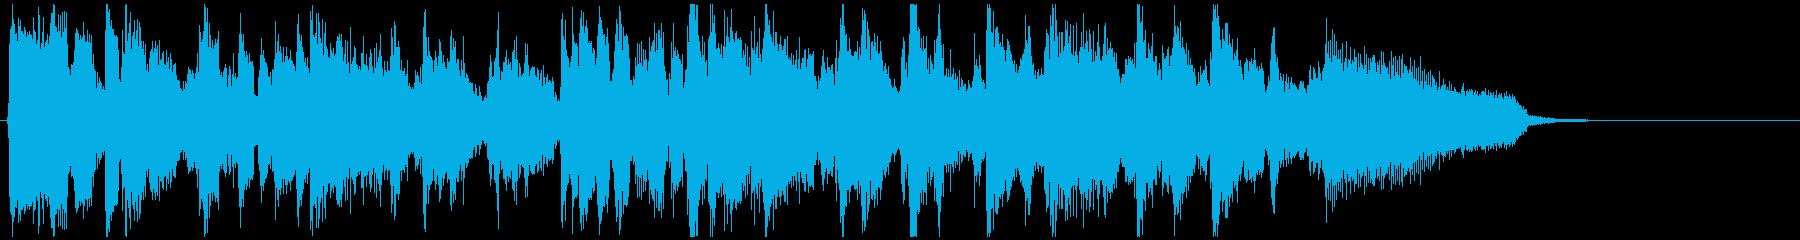 モダンな直球スイング◆CM系15秒ジャズの再生済みの波形